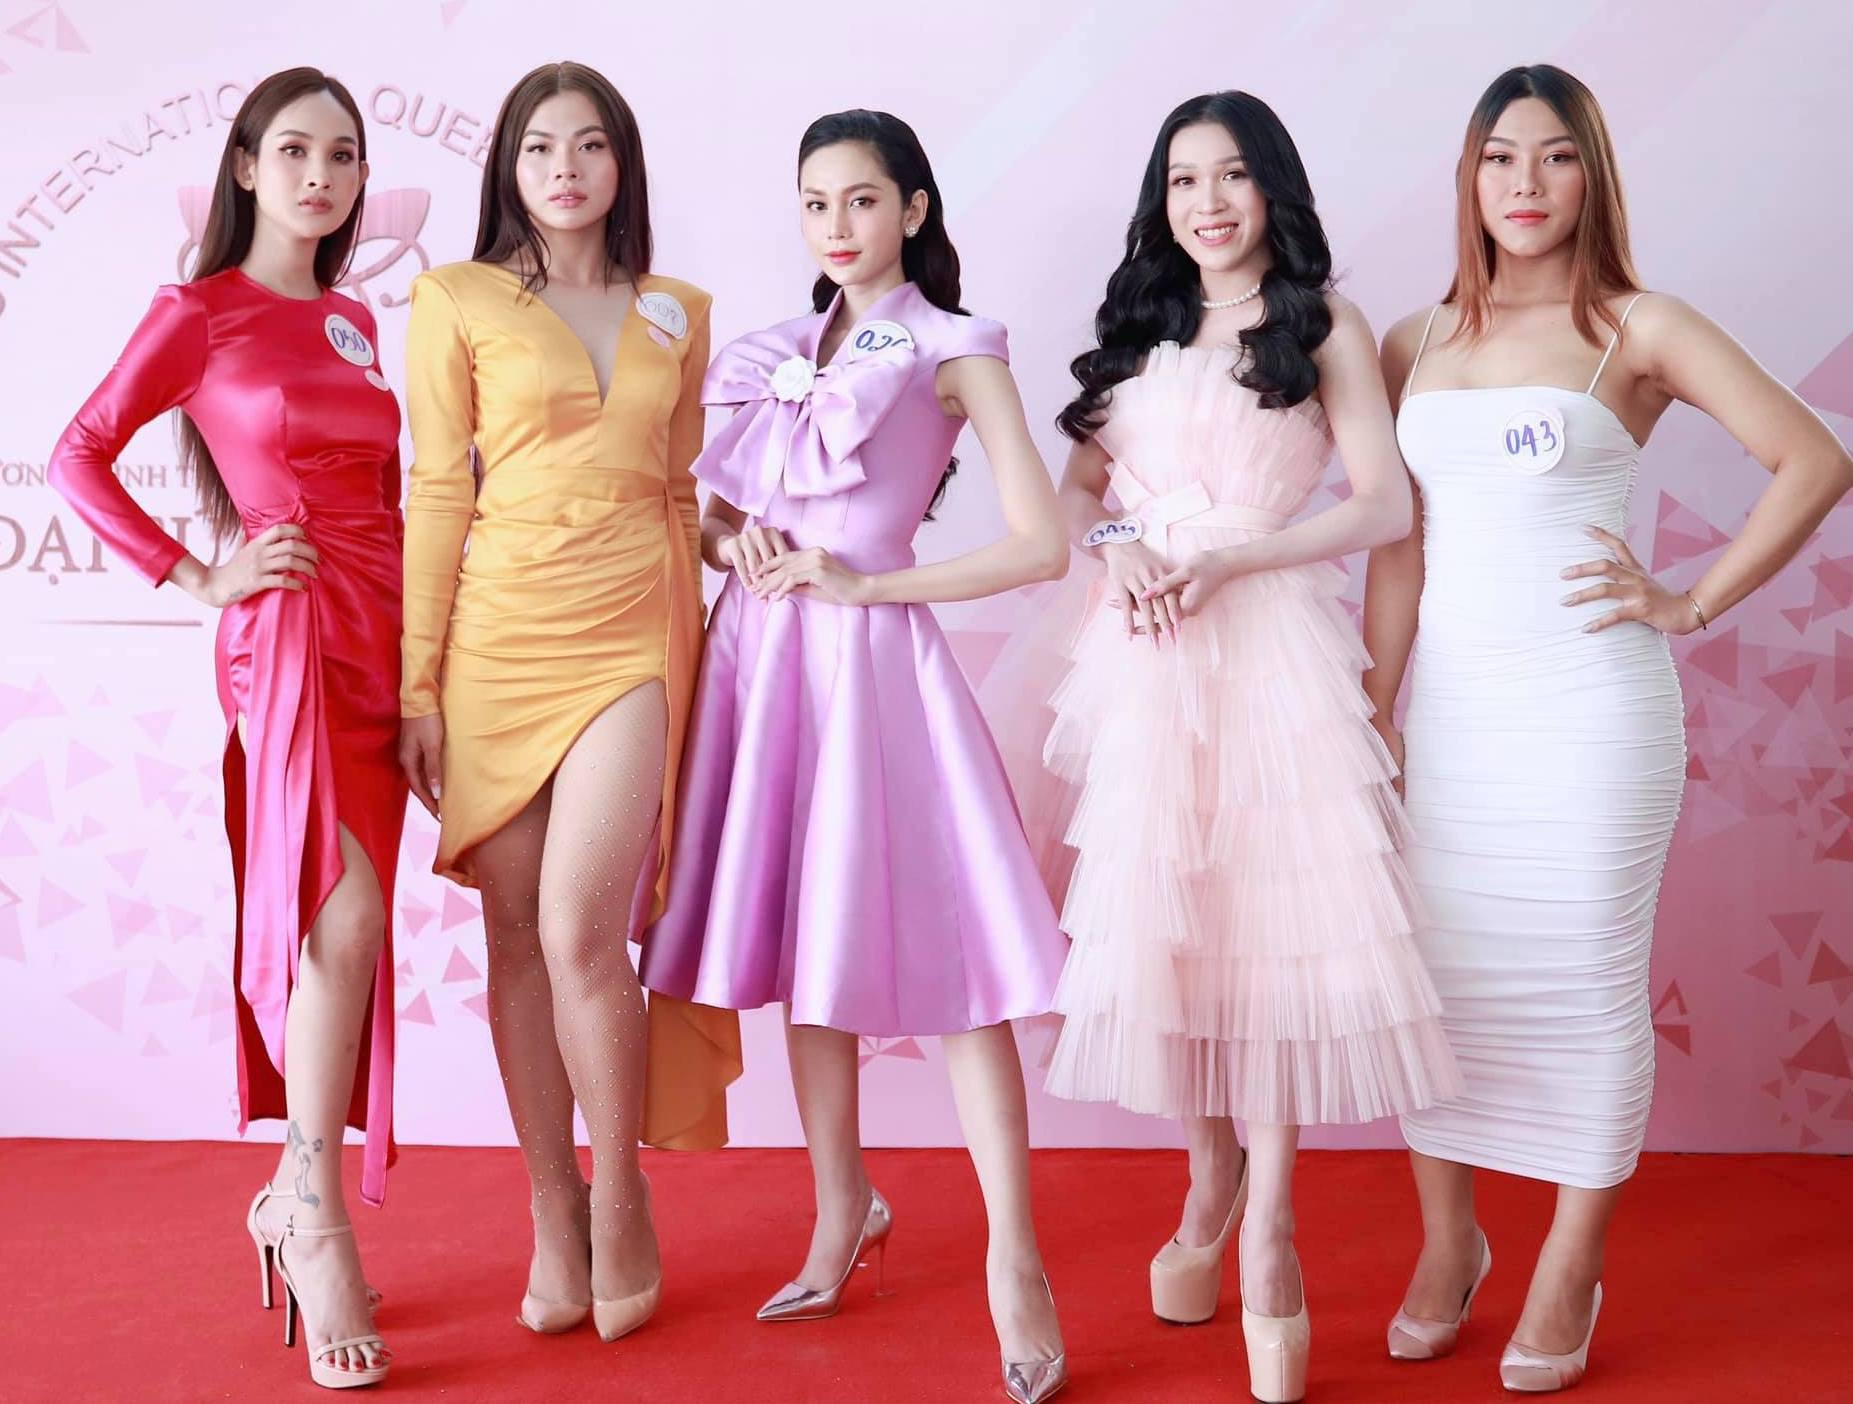 Hoa hậu Chuyển giới Việt Nam 2020: Người lộ nhược điểm hình thể, người làm lố với vẻ ngoài khác lạ - Ảnh 2.